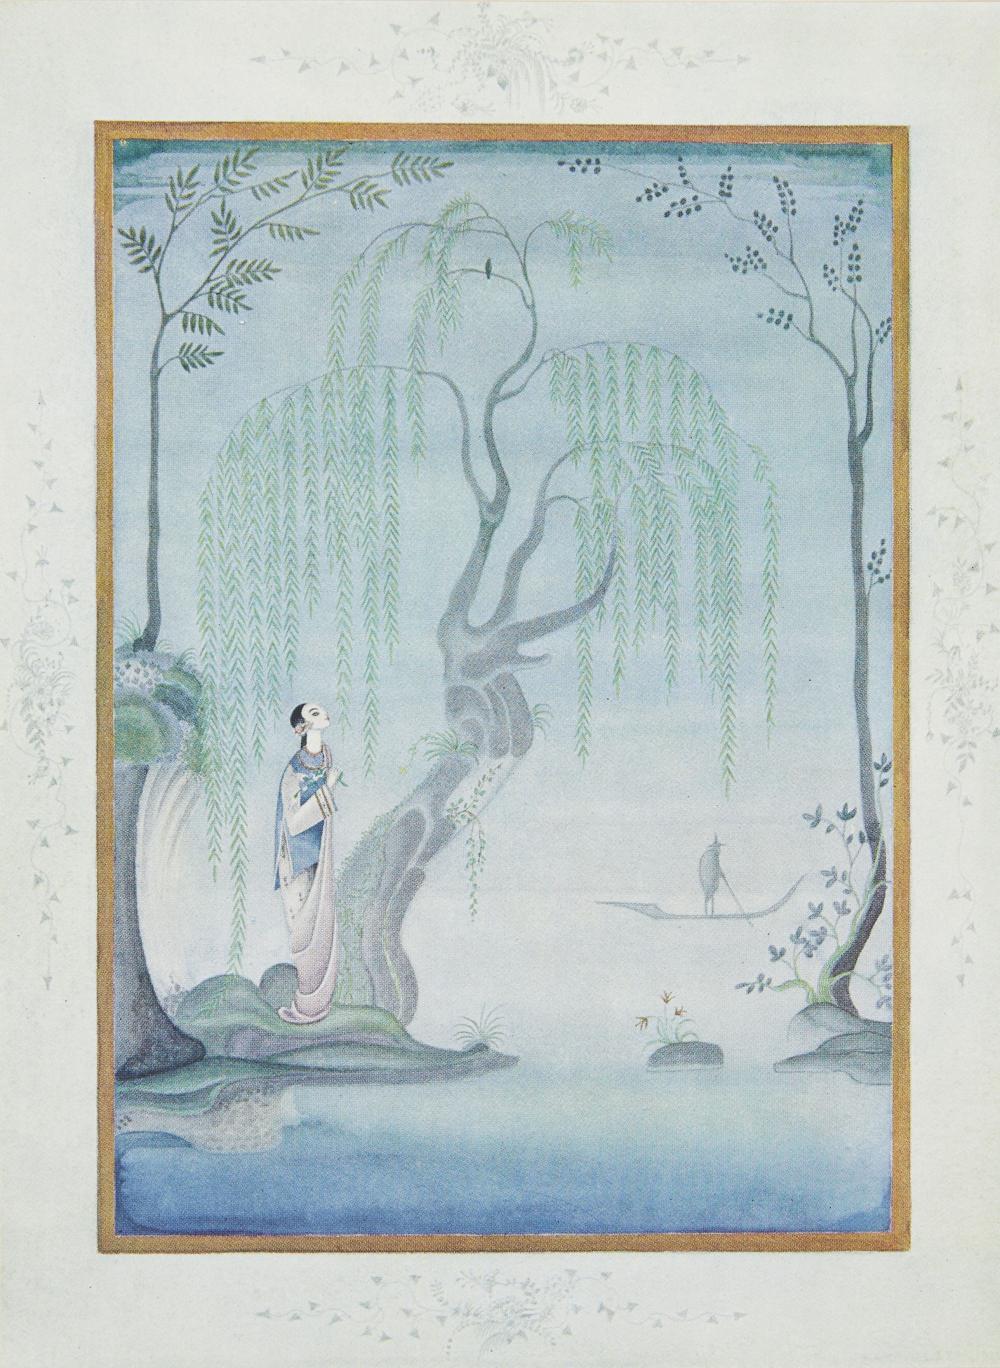 NIELSEN, KAY. 1886-1957. ANDERSEN, HANS CHRISTIAN. 1805-1875. Fairy Tales. London: Hodder and Stoughton, [1924].